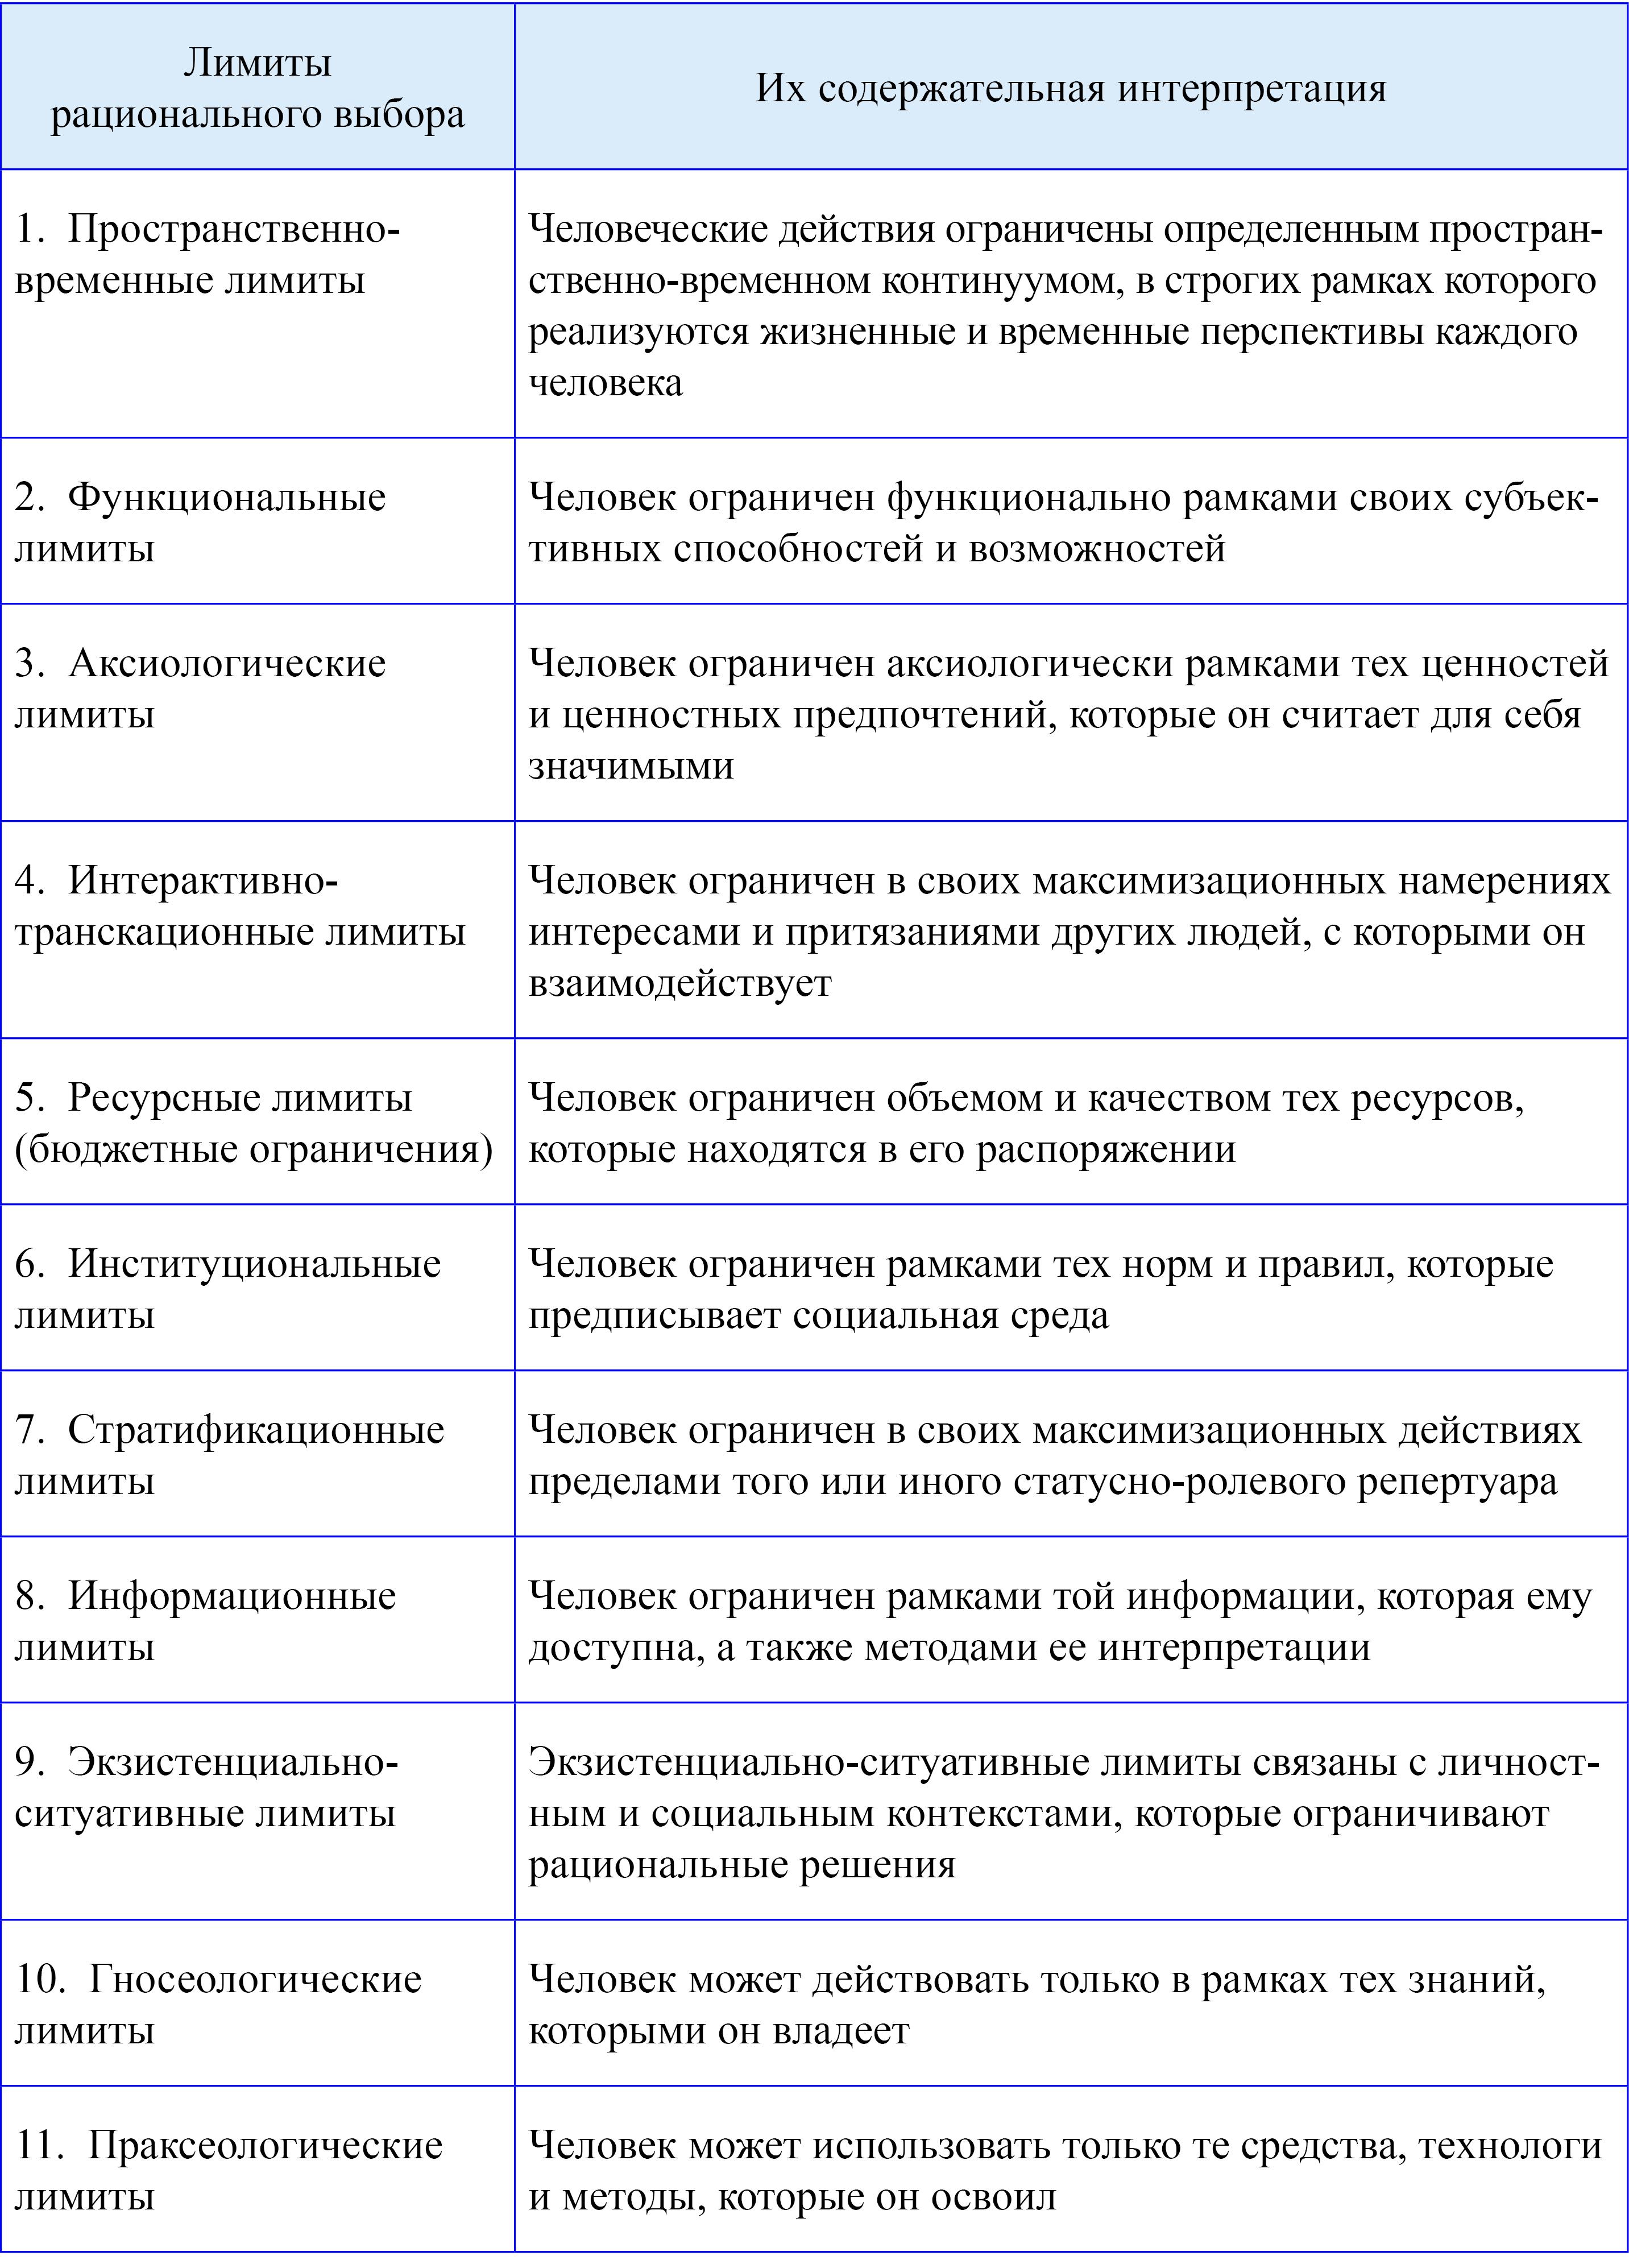 Социальная мотивация и рациональное поведение реферат 4097